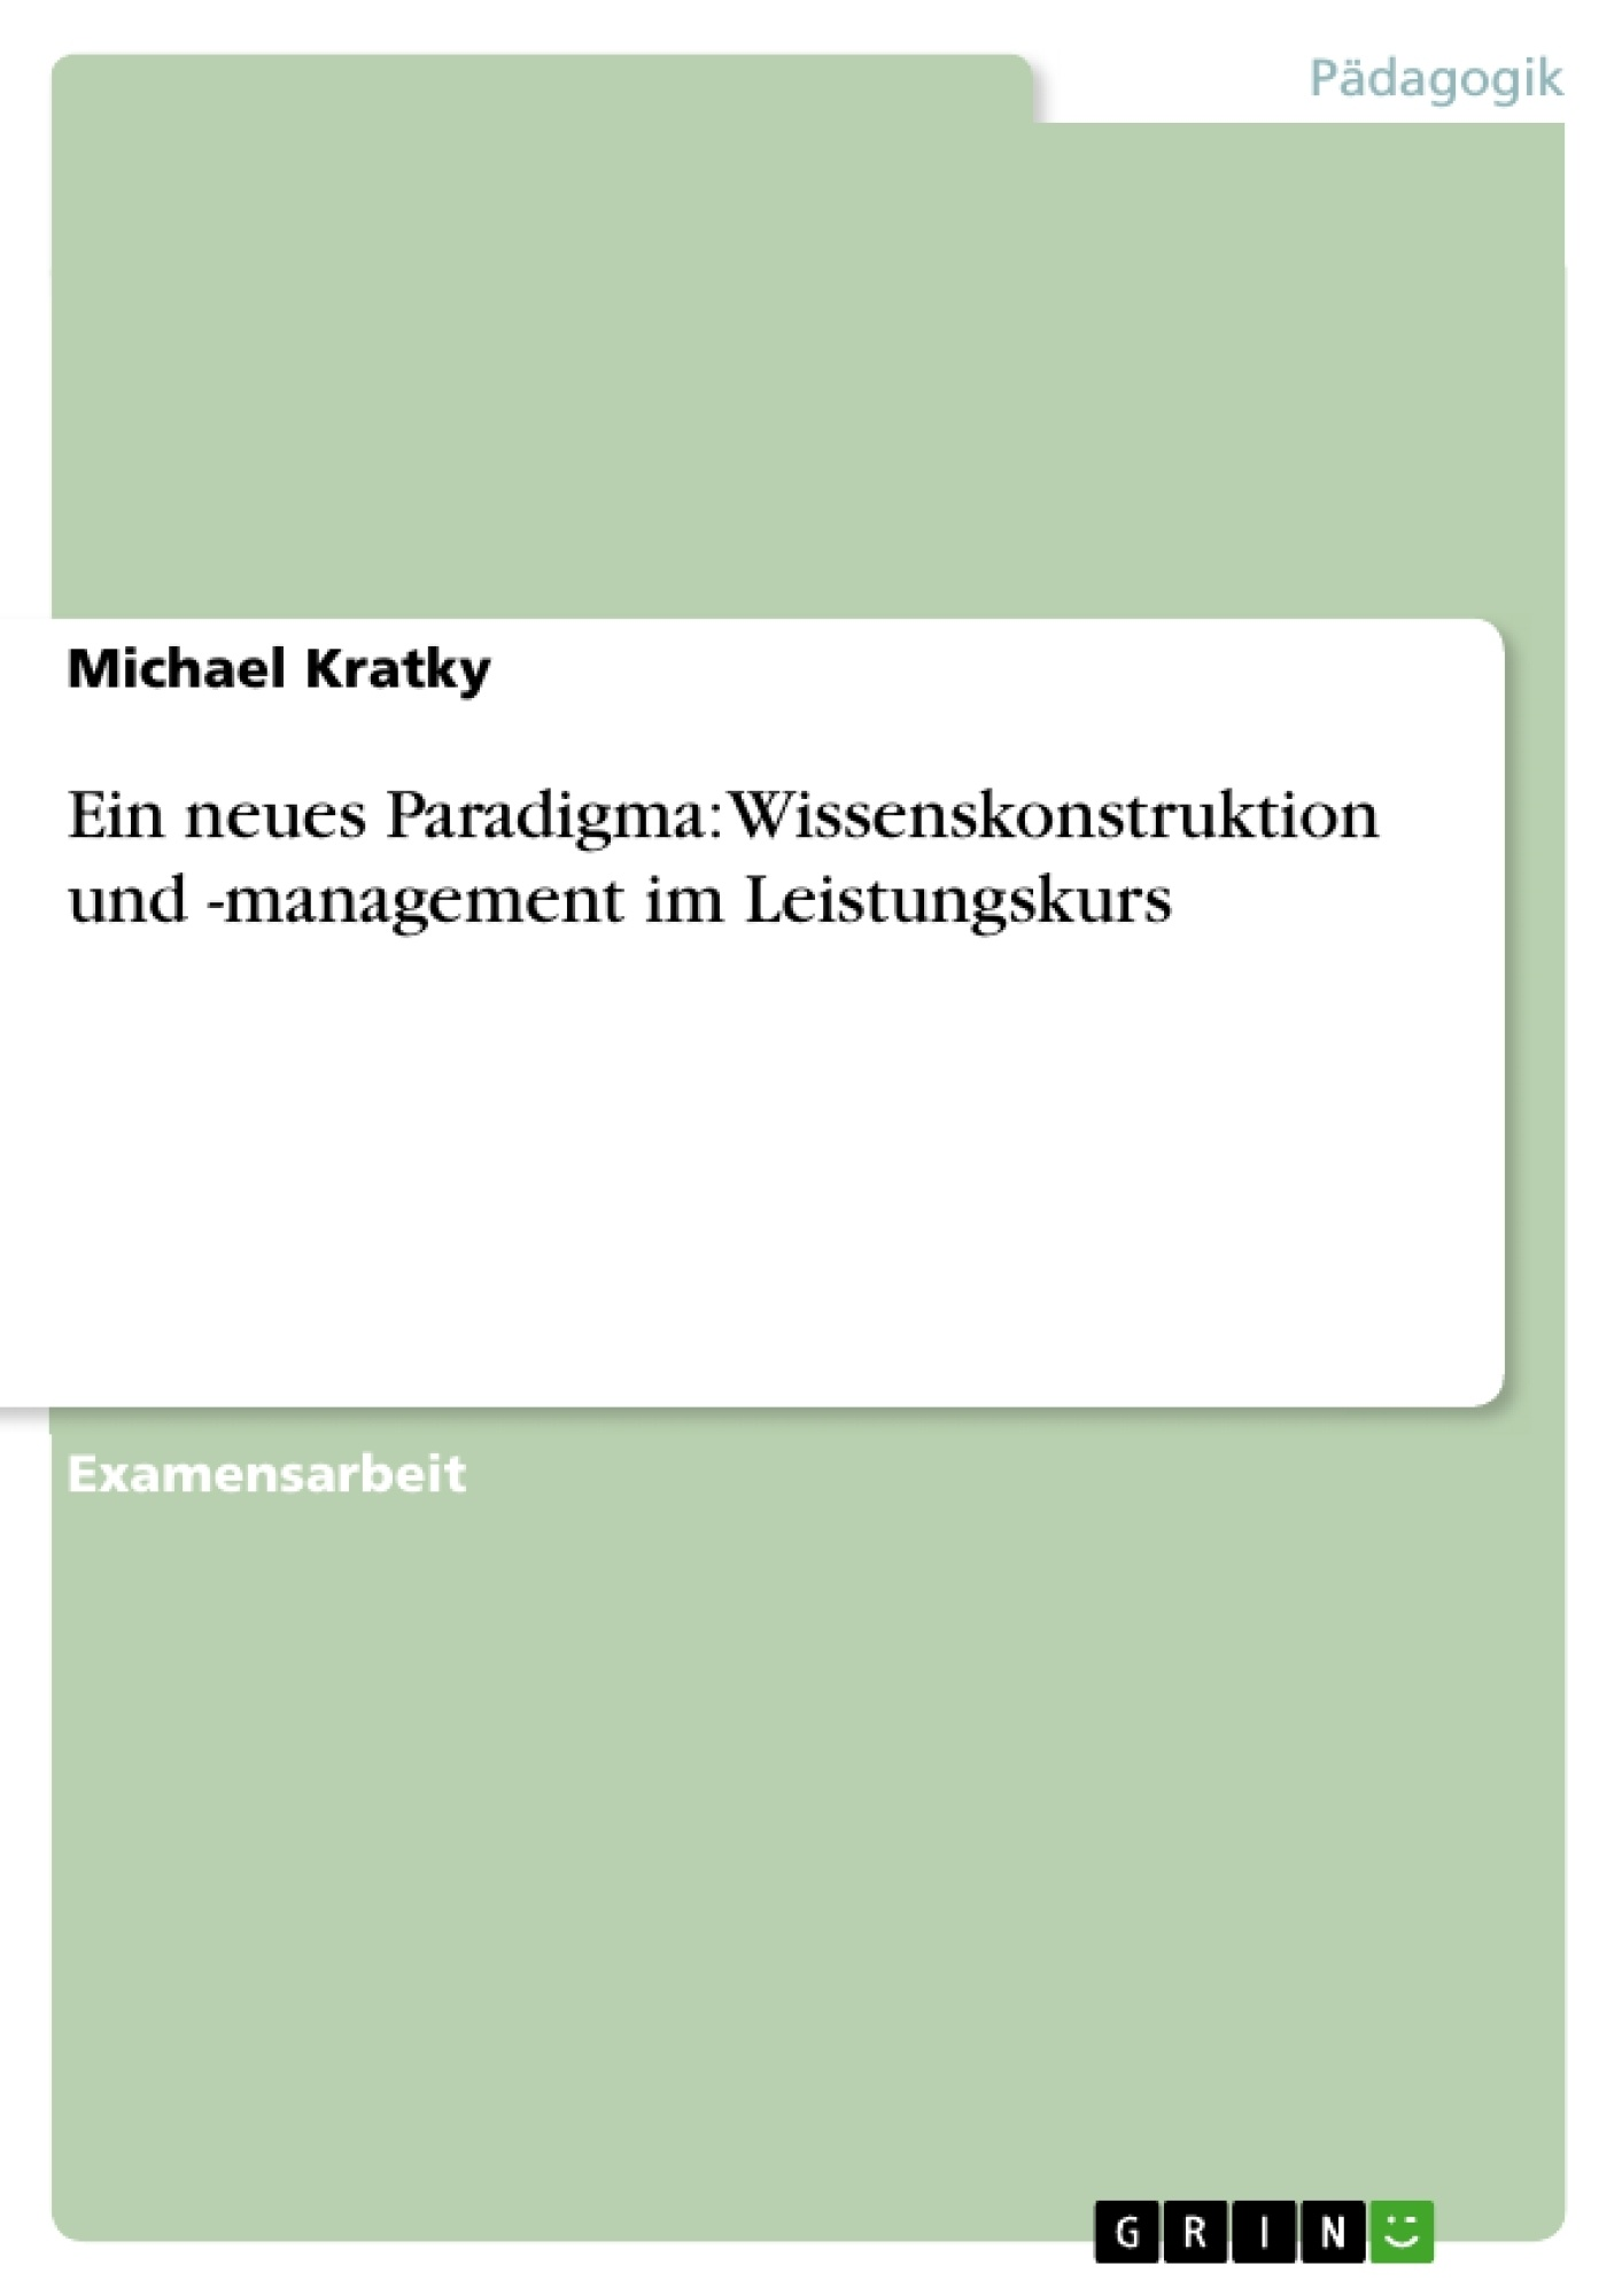 Titel: Ein neues Paradigma: Wissenskonstruktion und -management im Leistungskurs